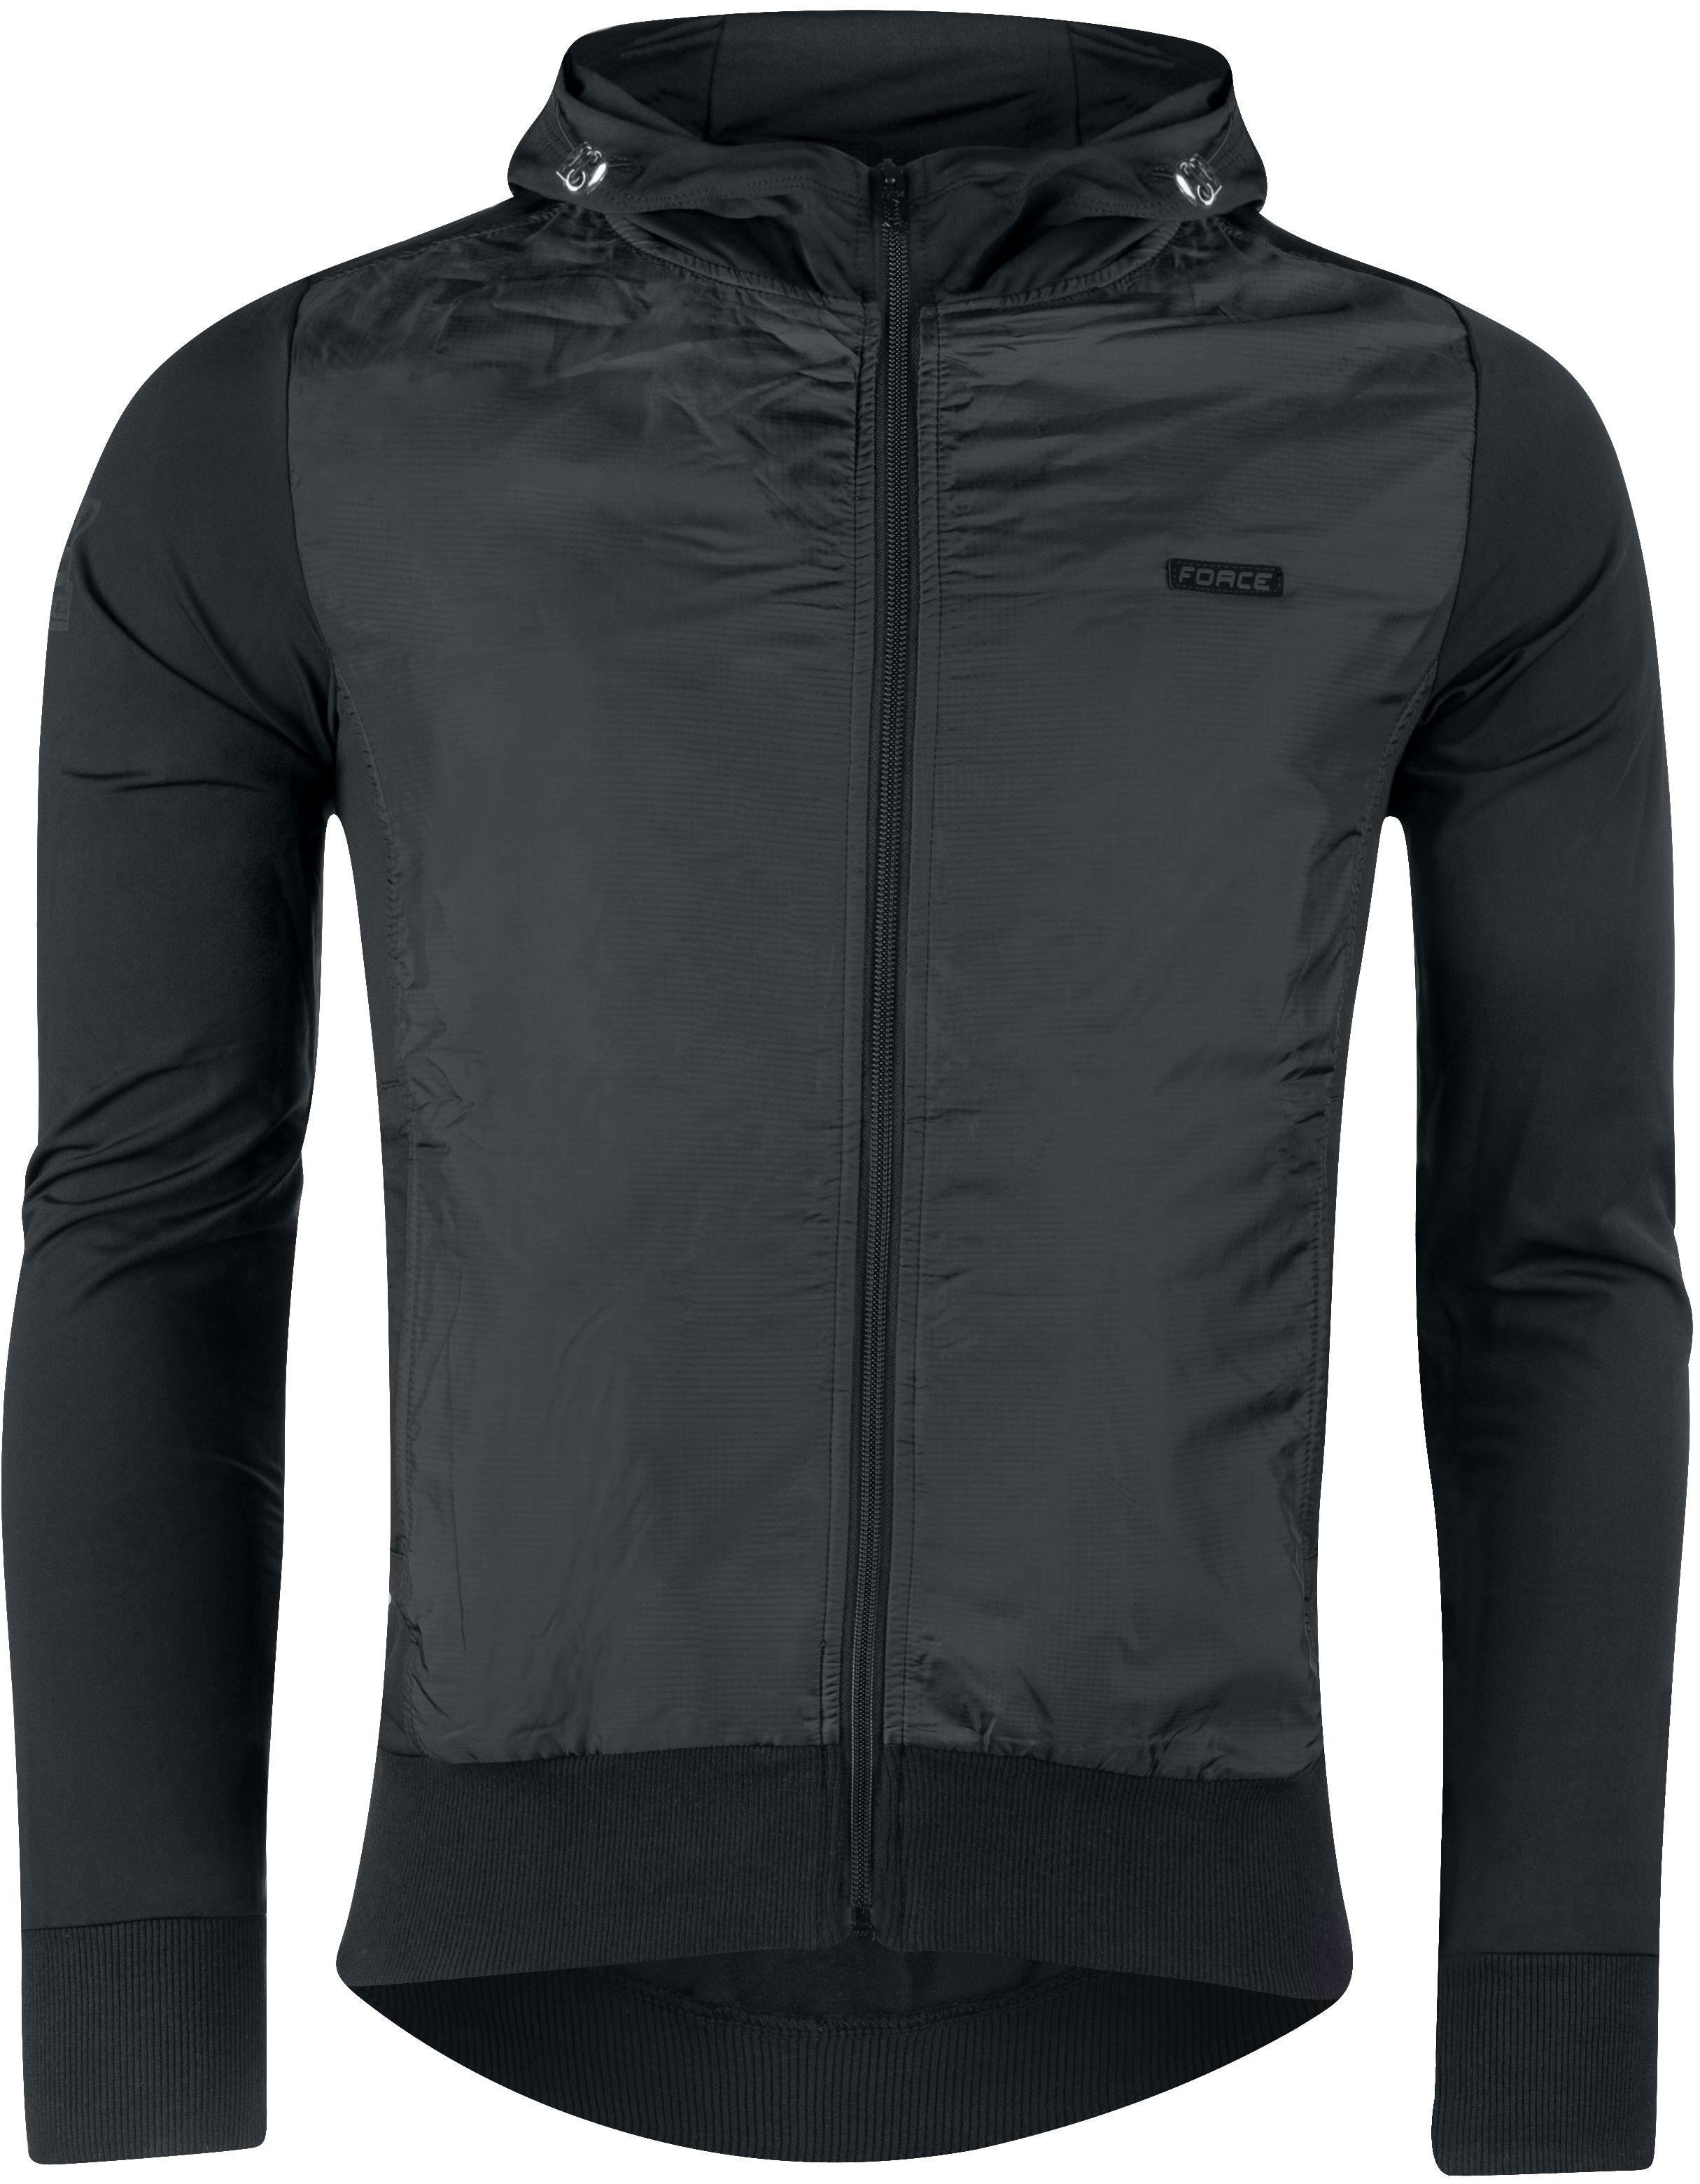 FORCE bluza sportowa na zamek elegant czarny 90730-XXL Rozmiar: 2XL,FORCEELEGANT90730